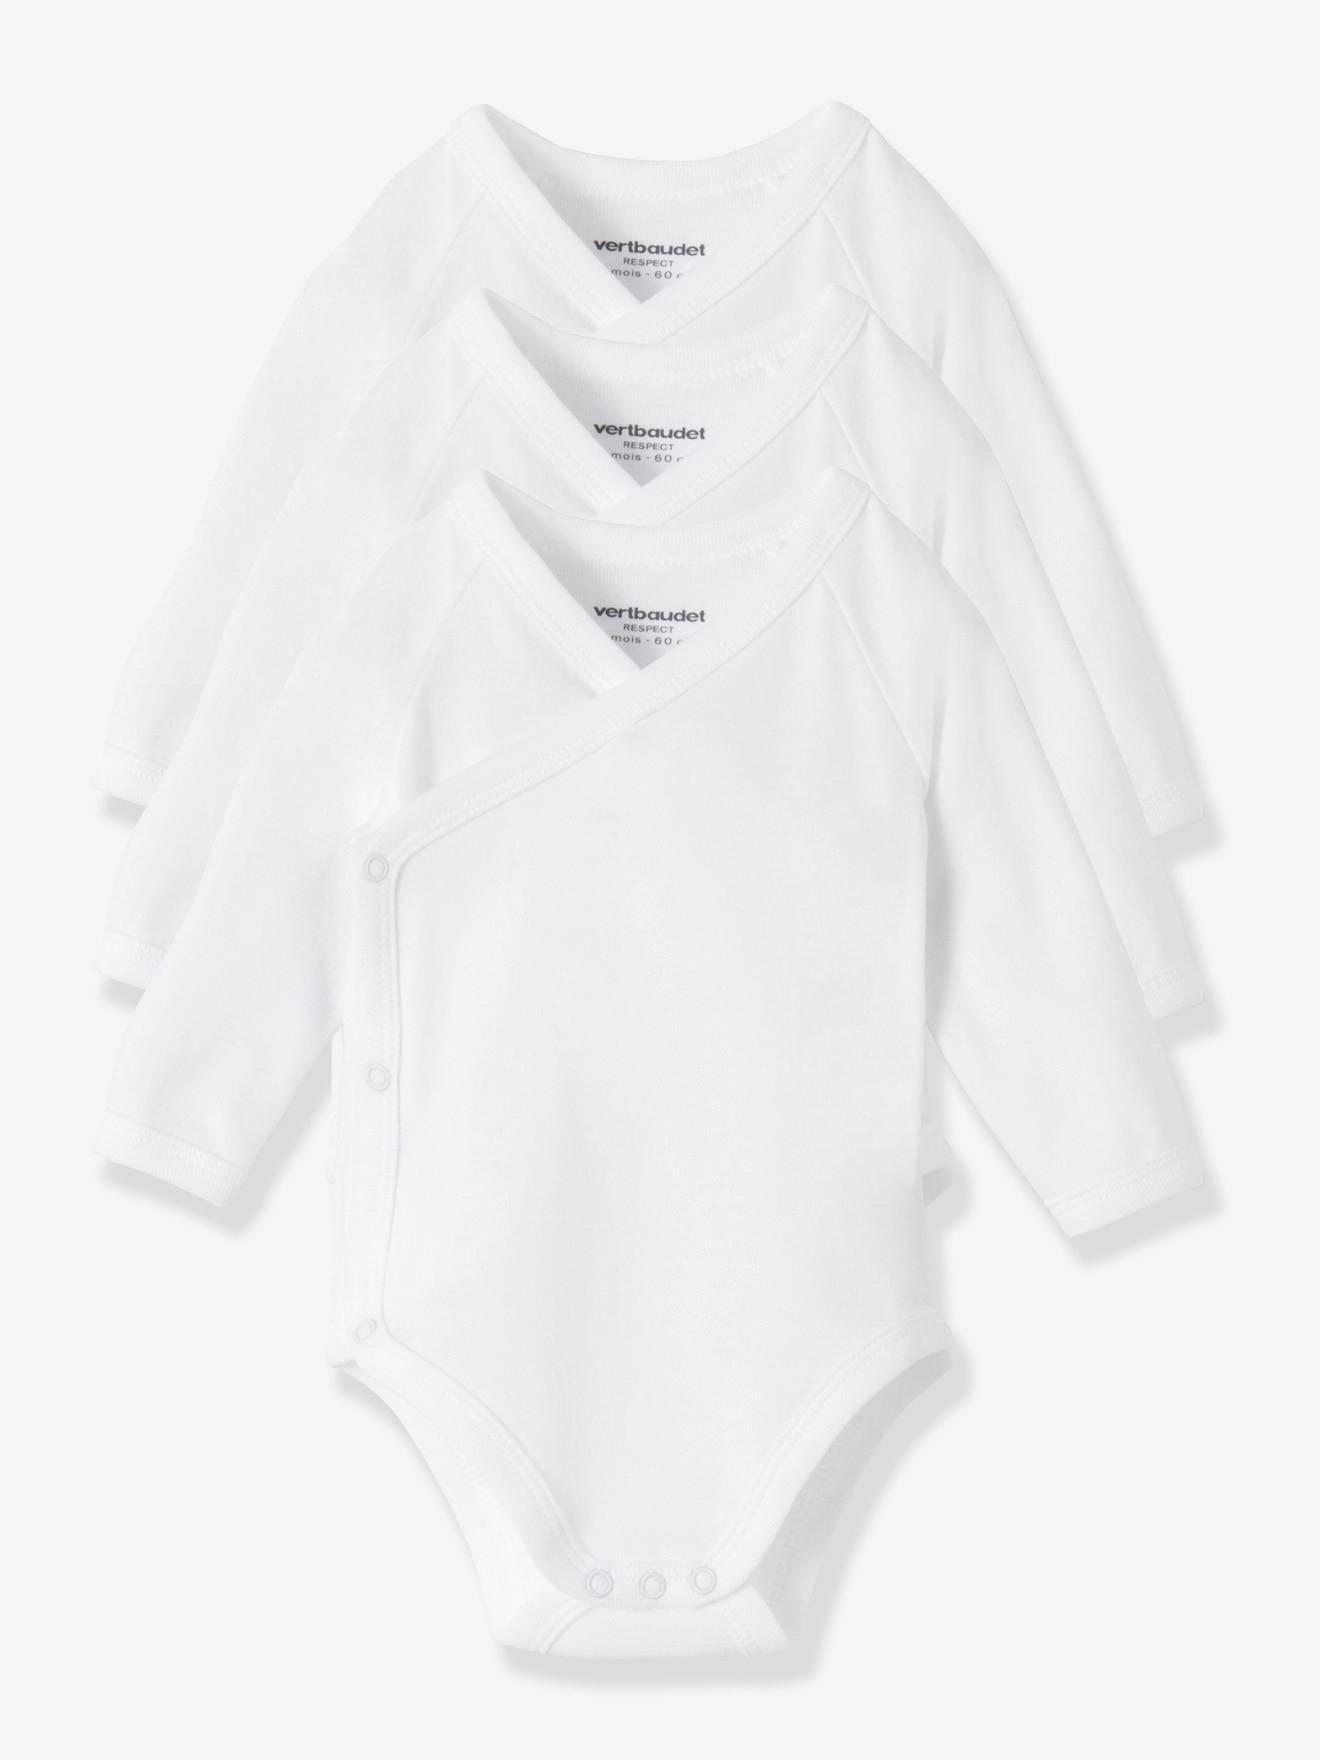 Body af økologisk bomuld – 3-pak Vertbaudet Babybodyer & heldragter til Børn i 3 x hvid